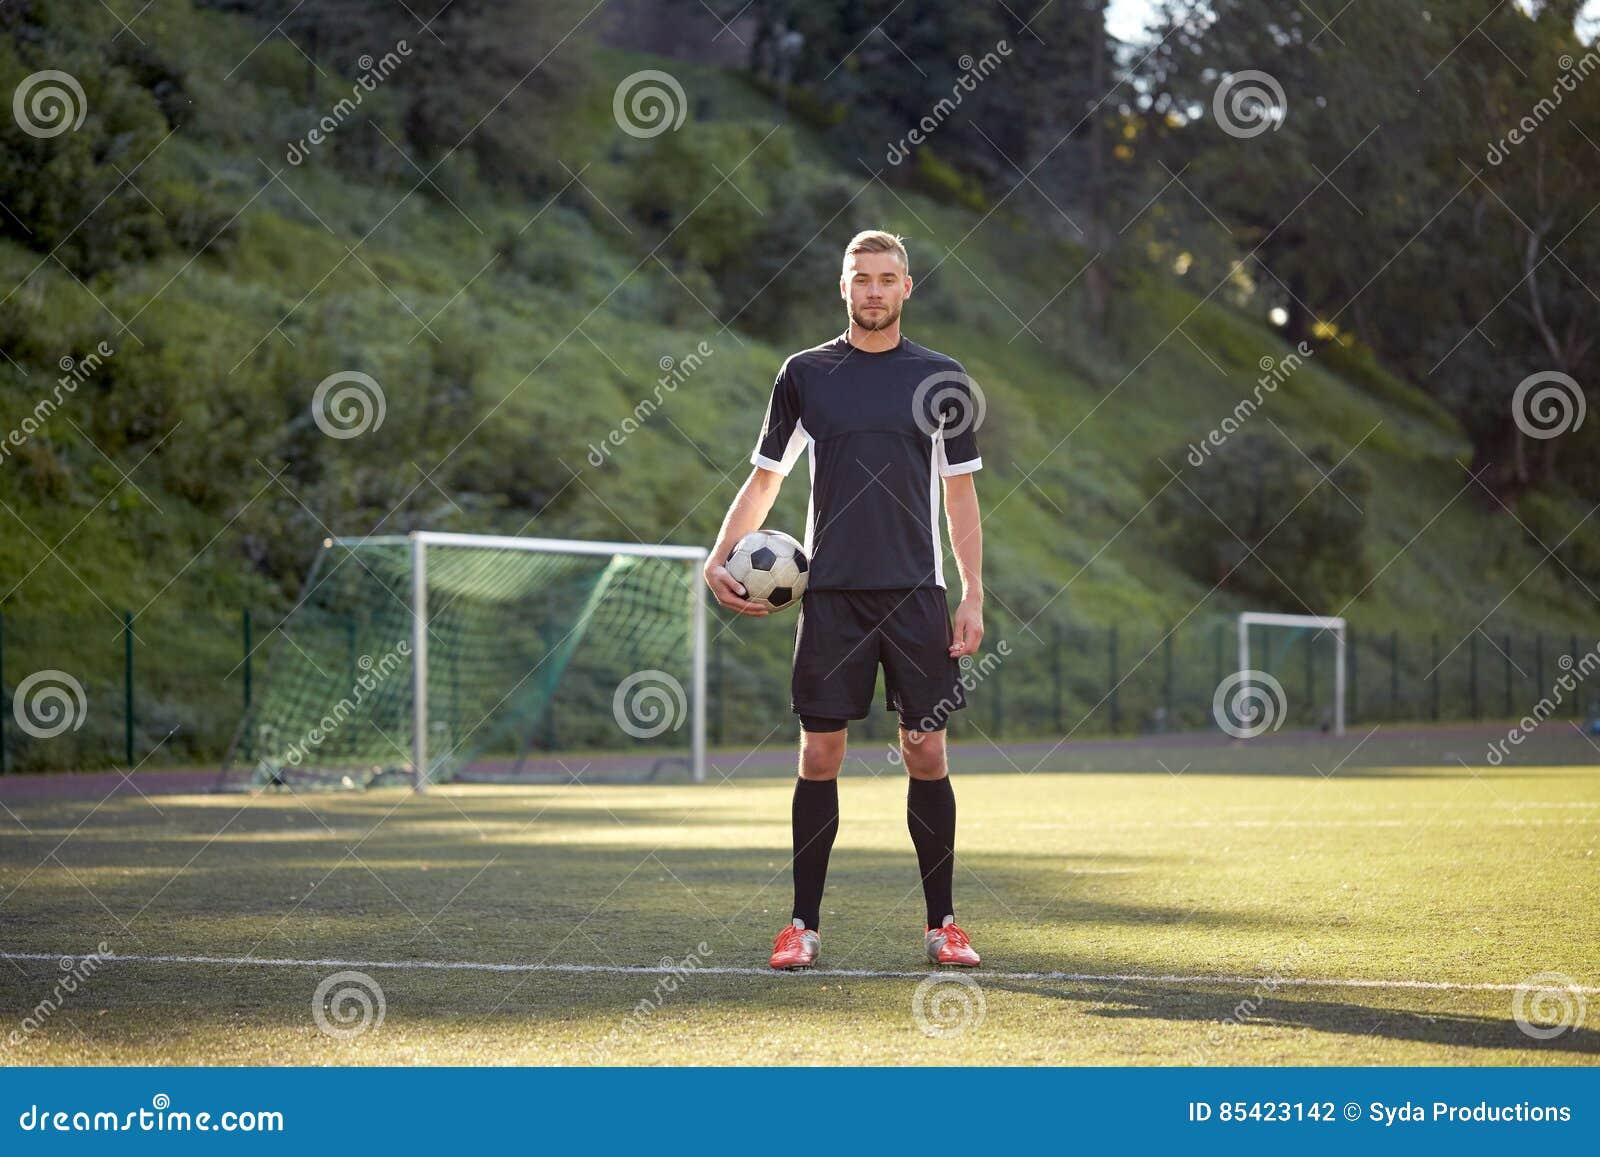 Voetballer met bal op voetbalgebied